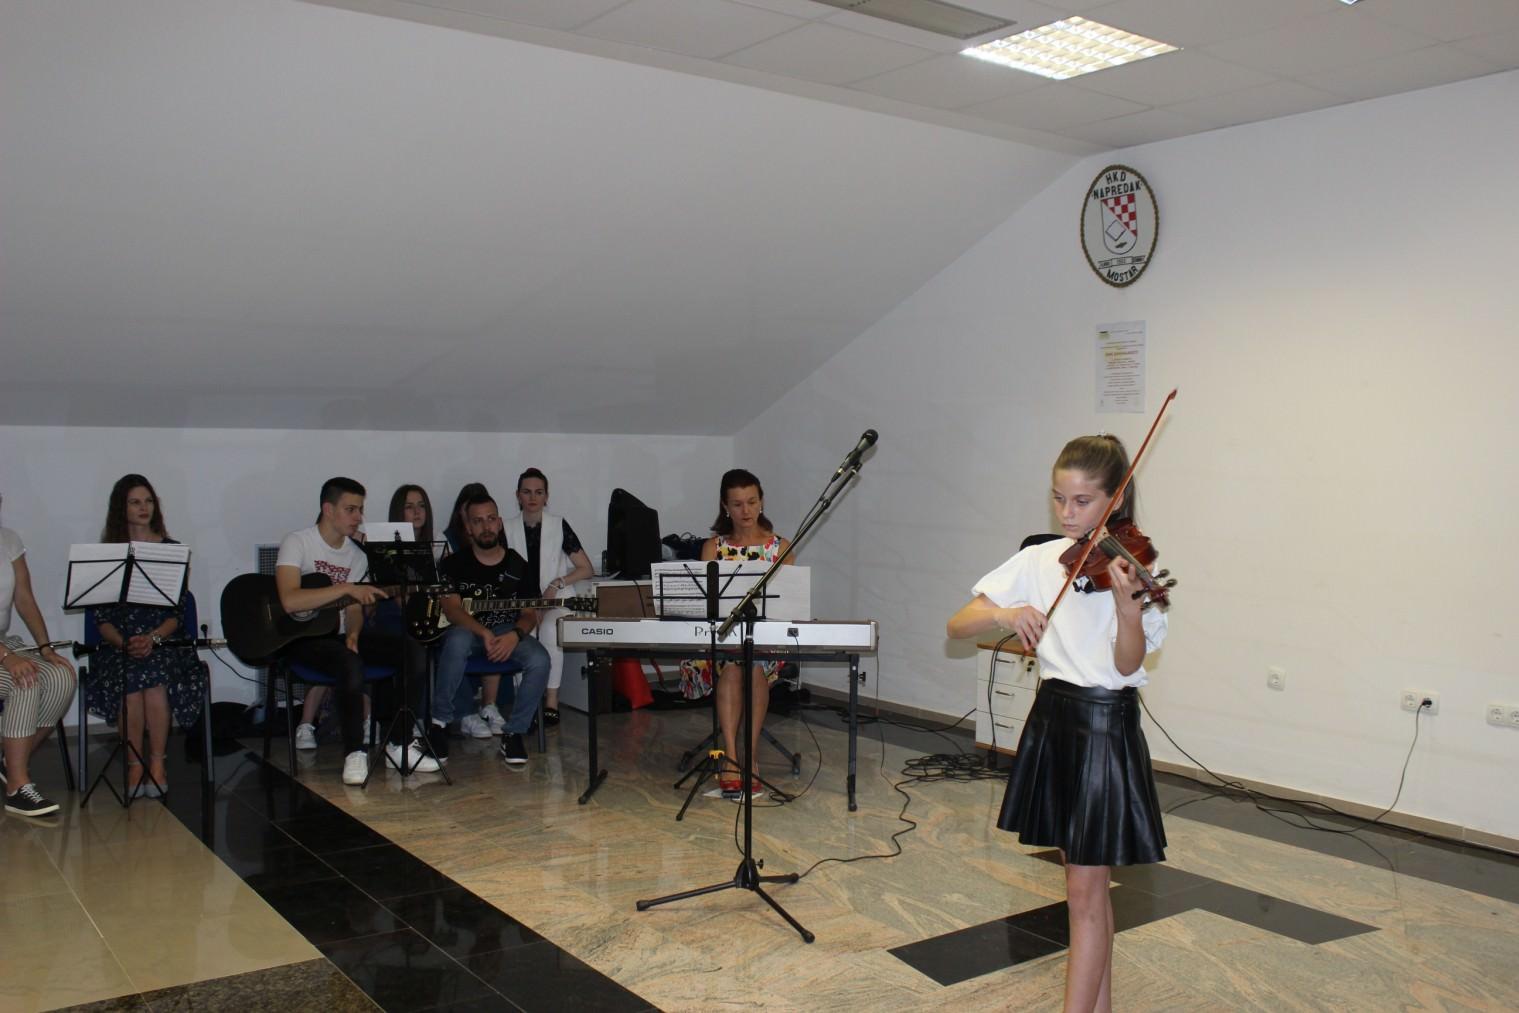 HKD Napredak Dan Zahvalnosti koncert